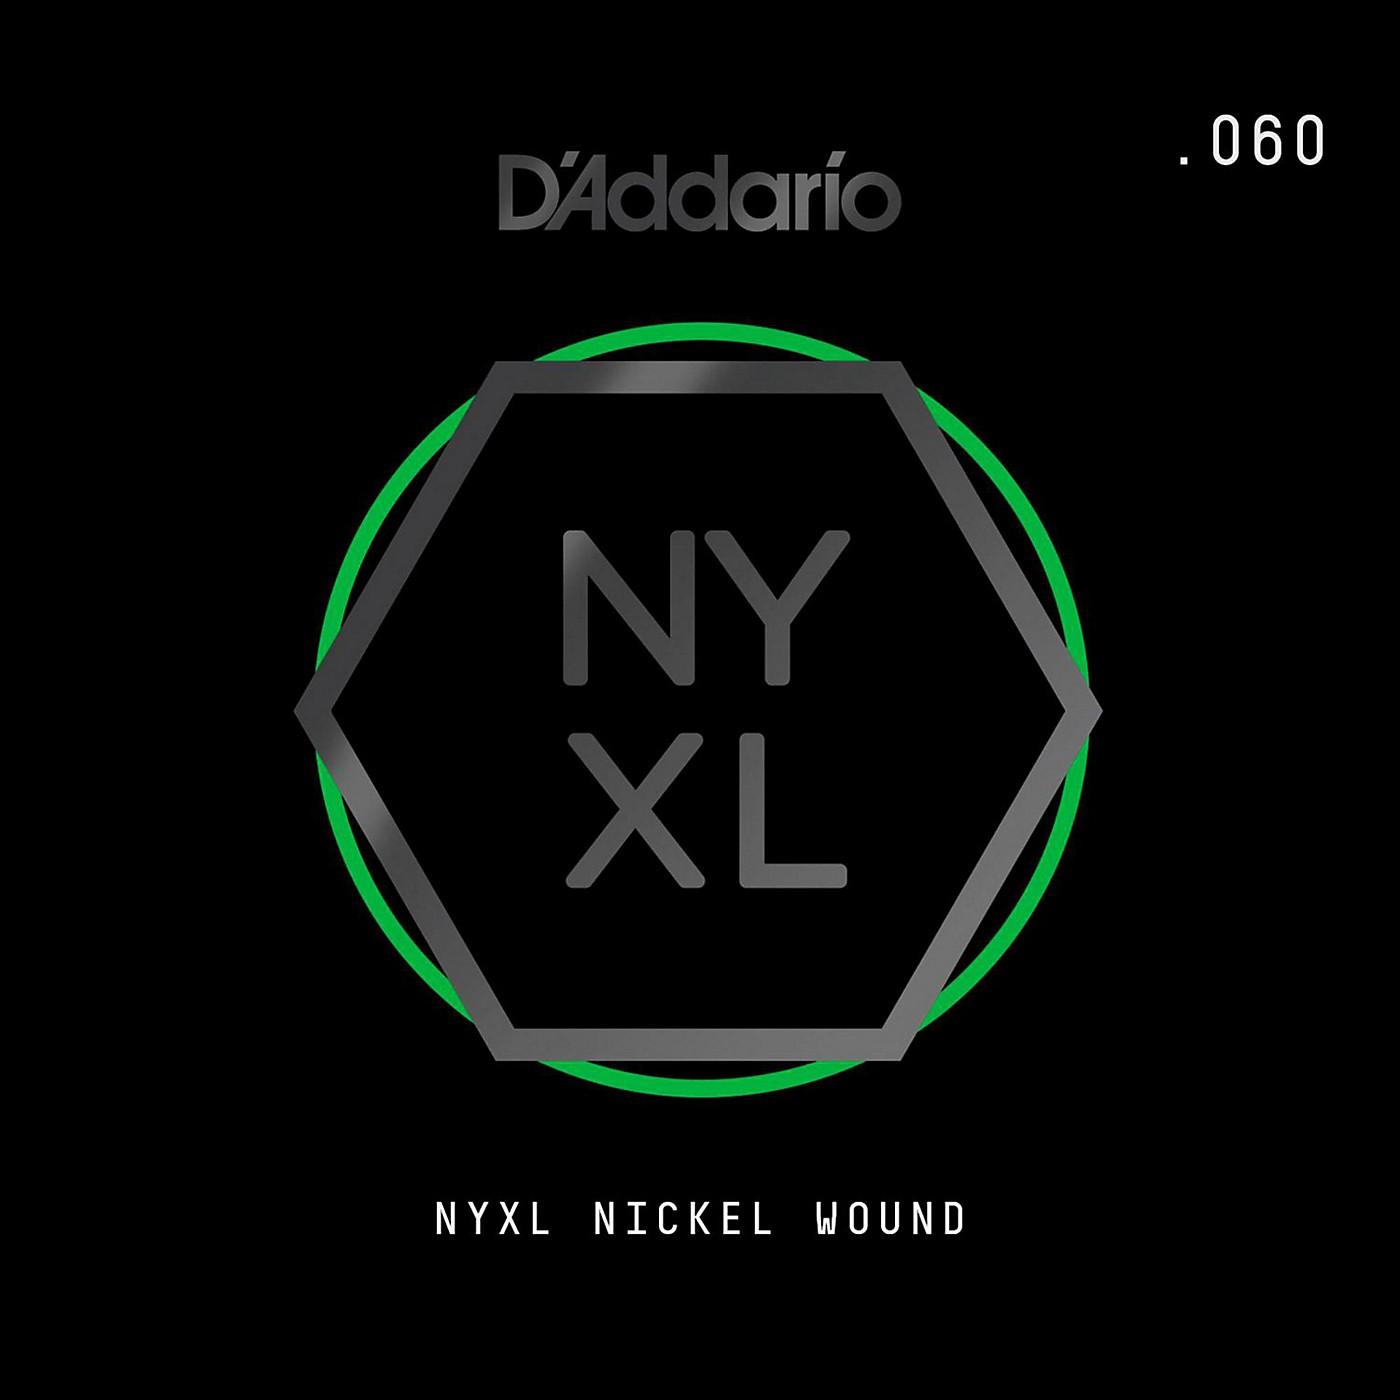 D'Addario NYNW060 NYXL Nickel Wound Electric Guitar Single String, .060 thumbnail